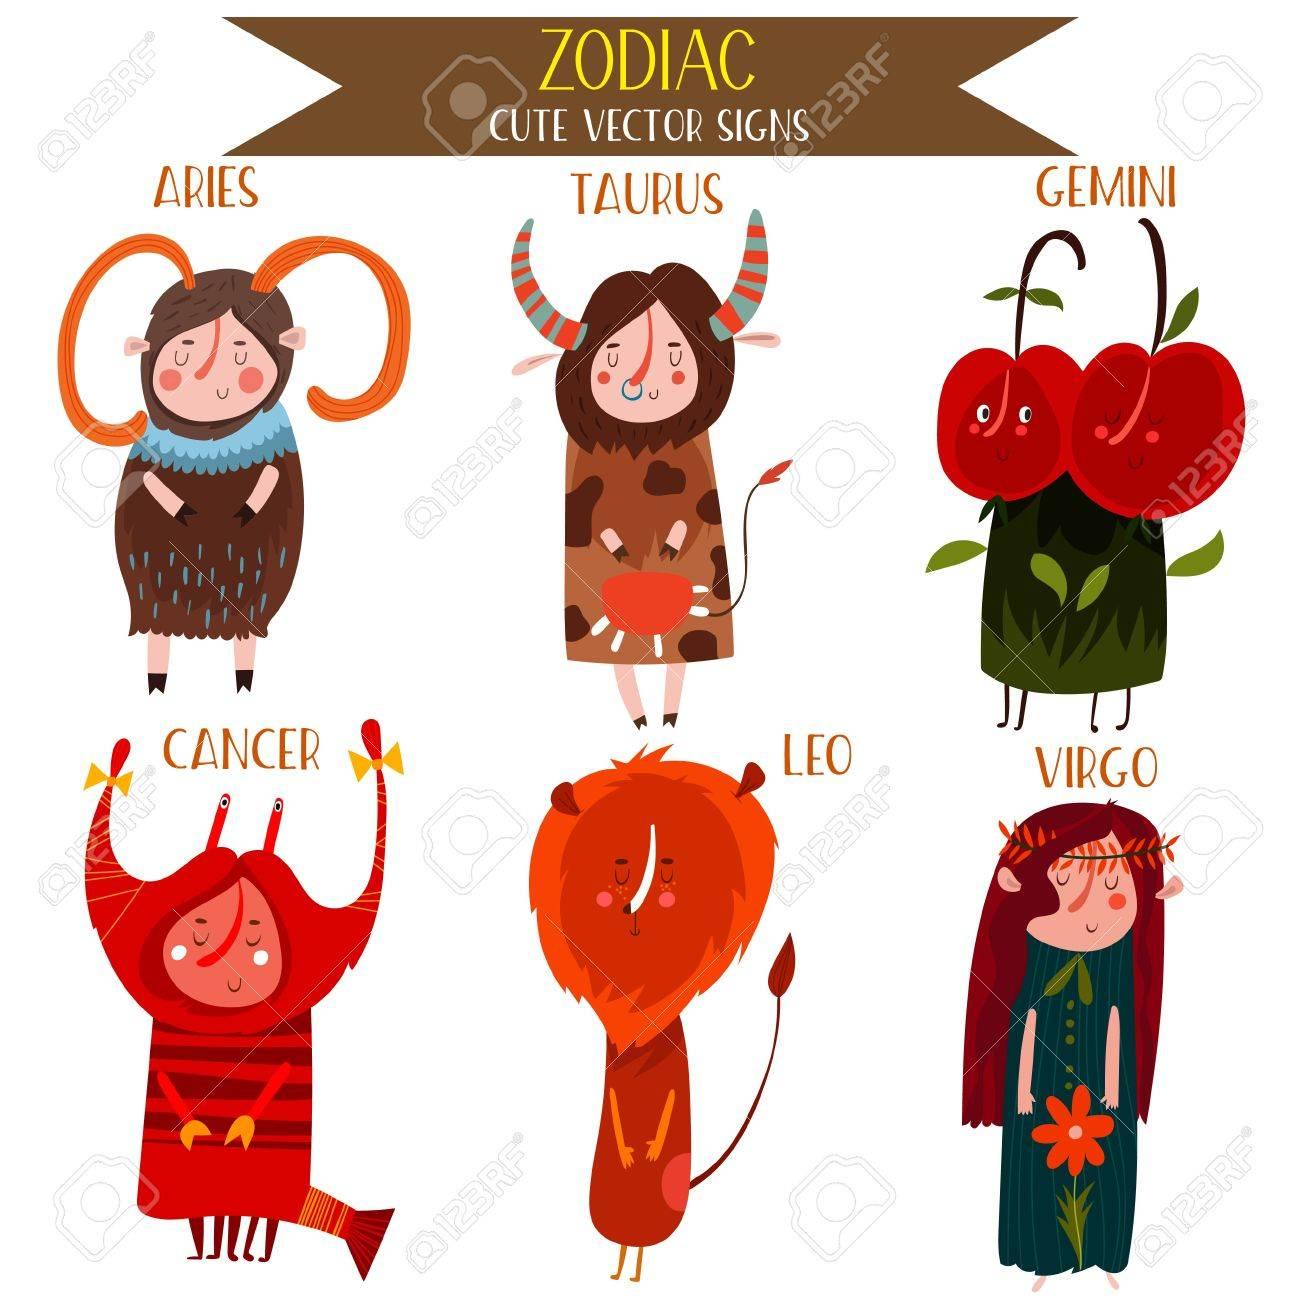 Cute Vector Set Of Zodiac Signs Part 1 Aries Taurus Gemini